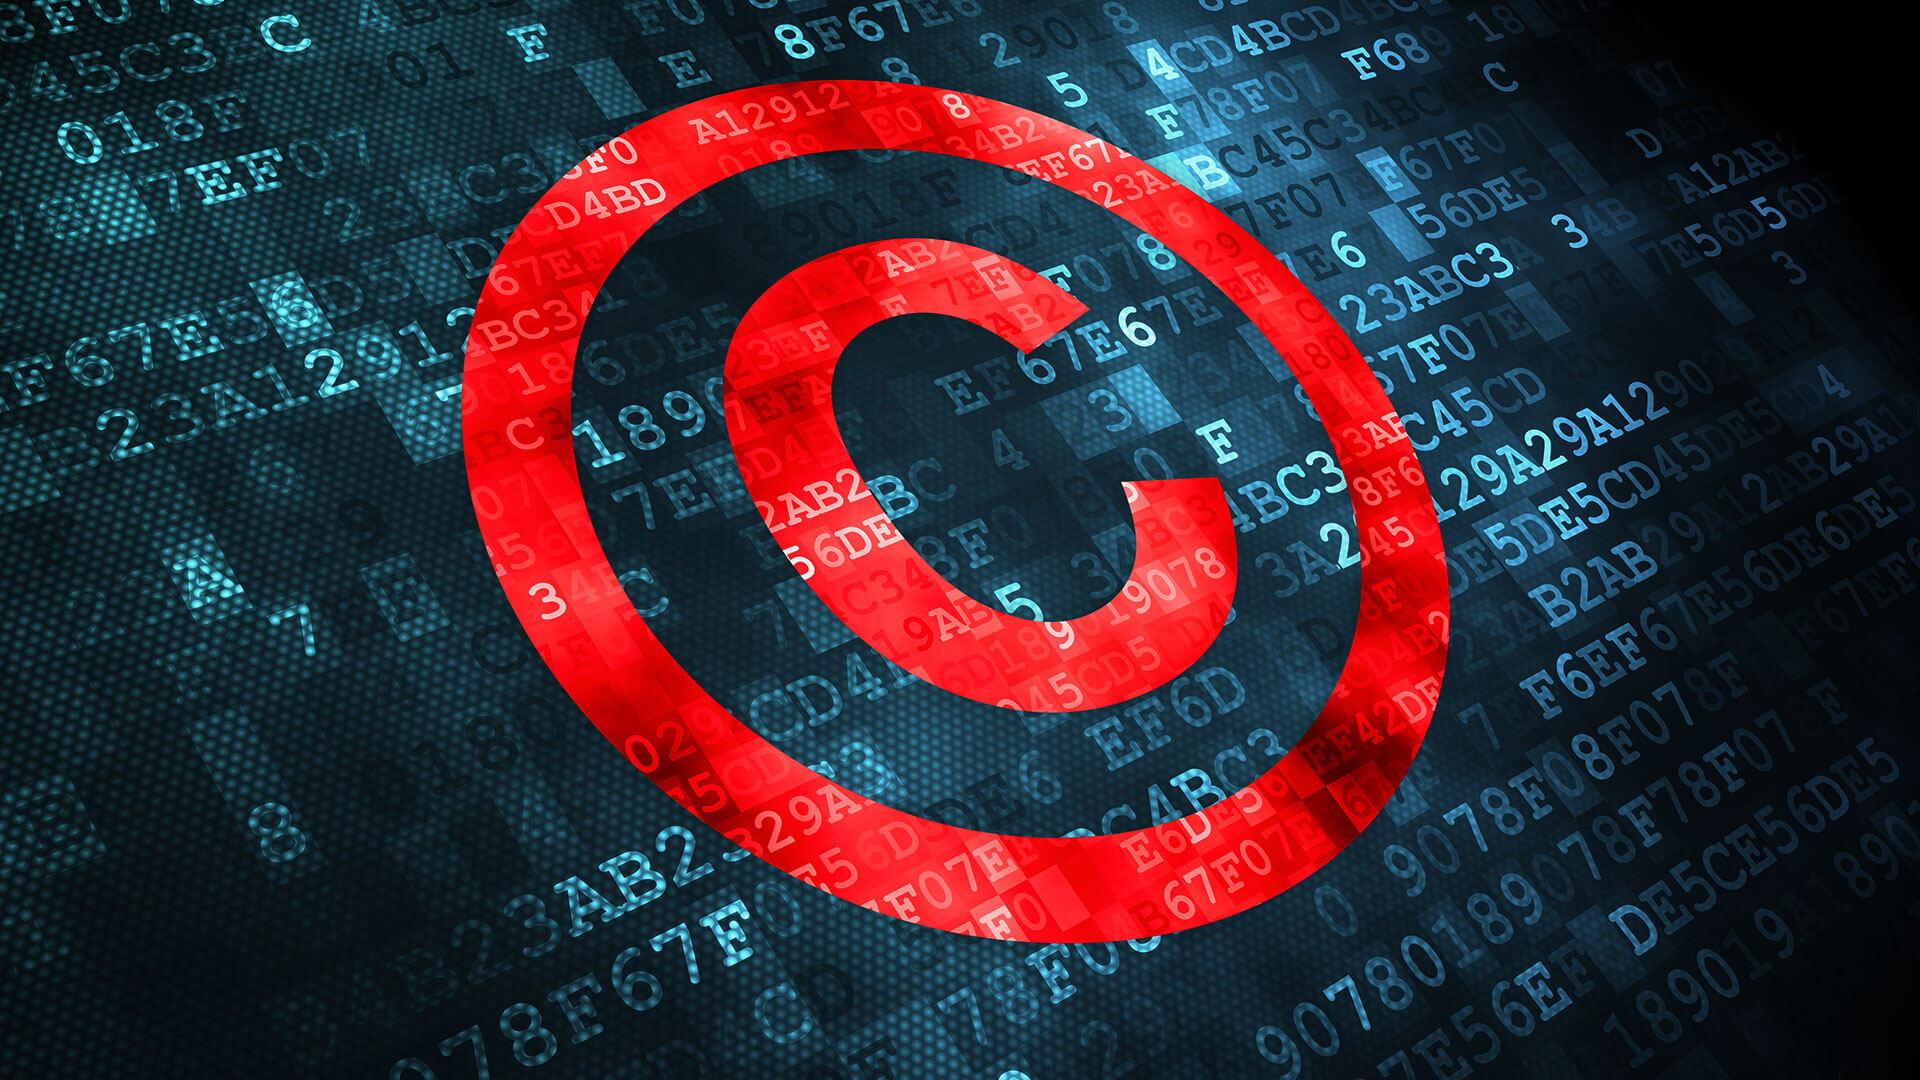 Евросоюз потратил $400 000 на исследование, доказывающее, что пираты не влияют на продажи цифрового контента - 2